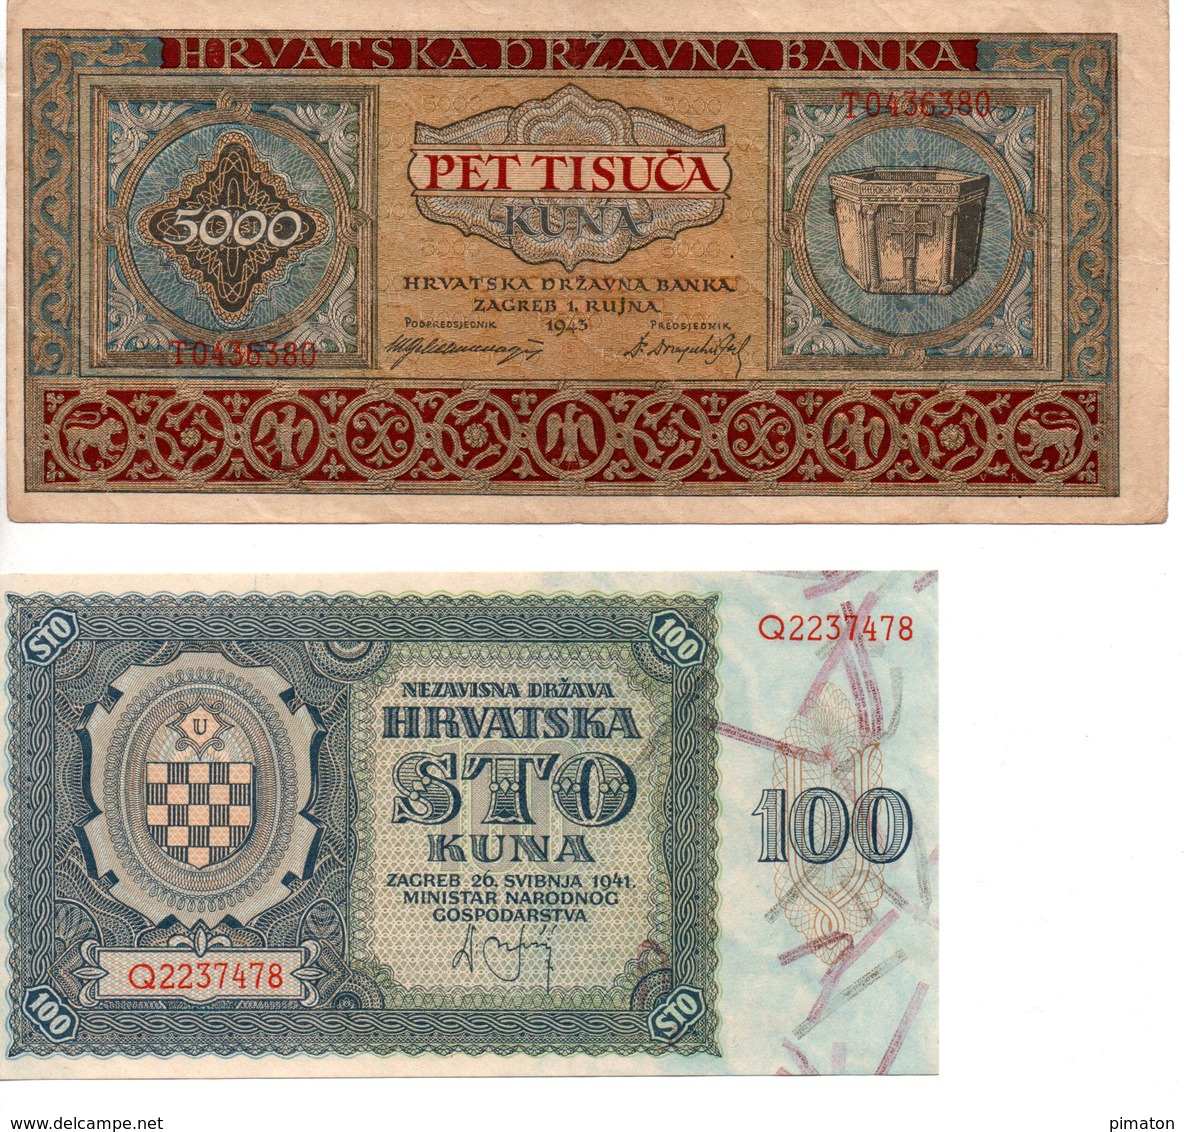 2 Billets De Croatie - 5000 KUNA ( 1941 ) Et 100 KUNA ( 1941 ) - Croatia